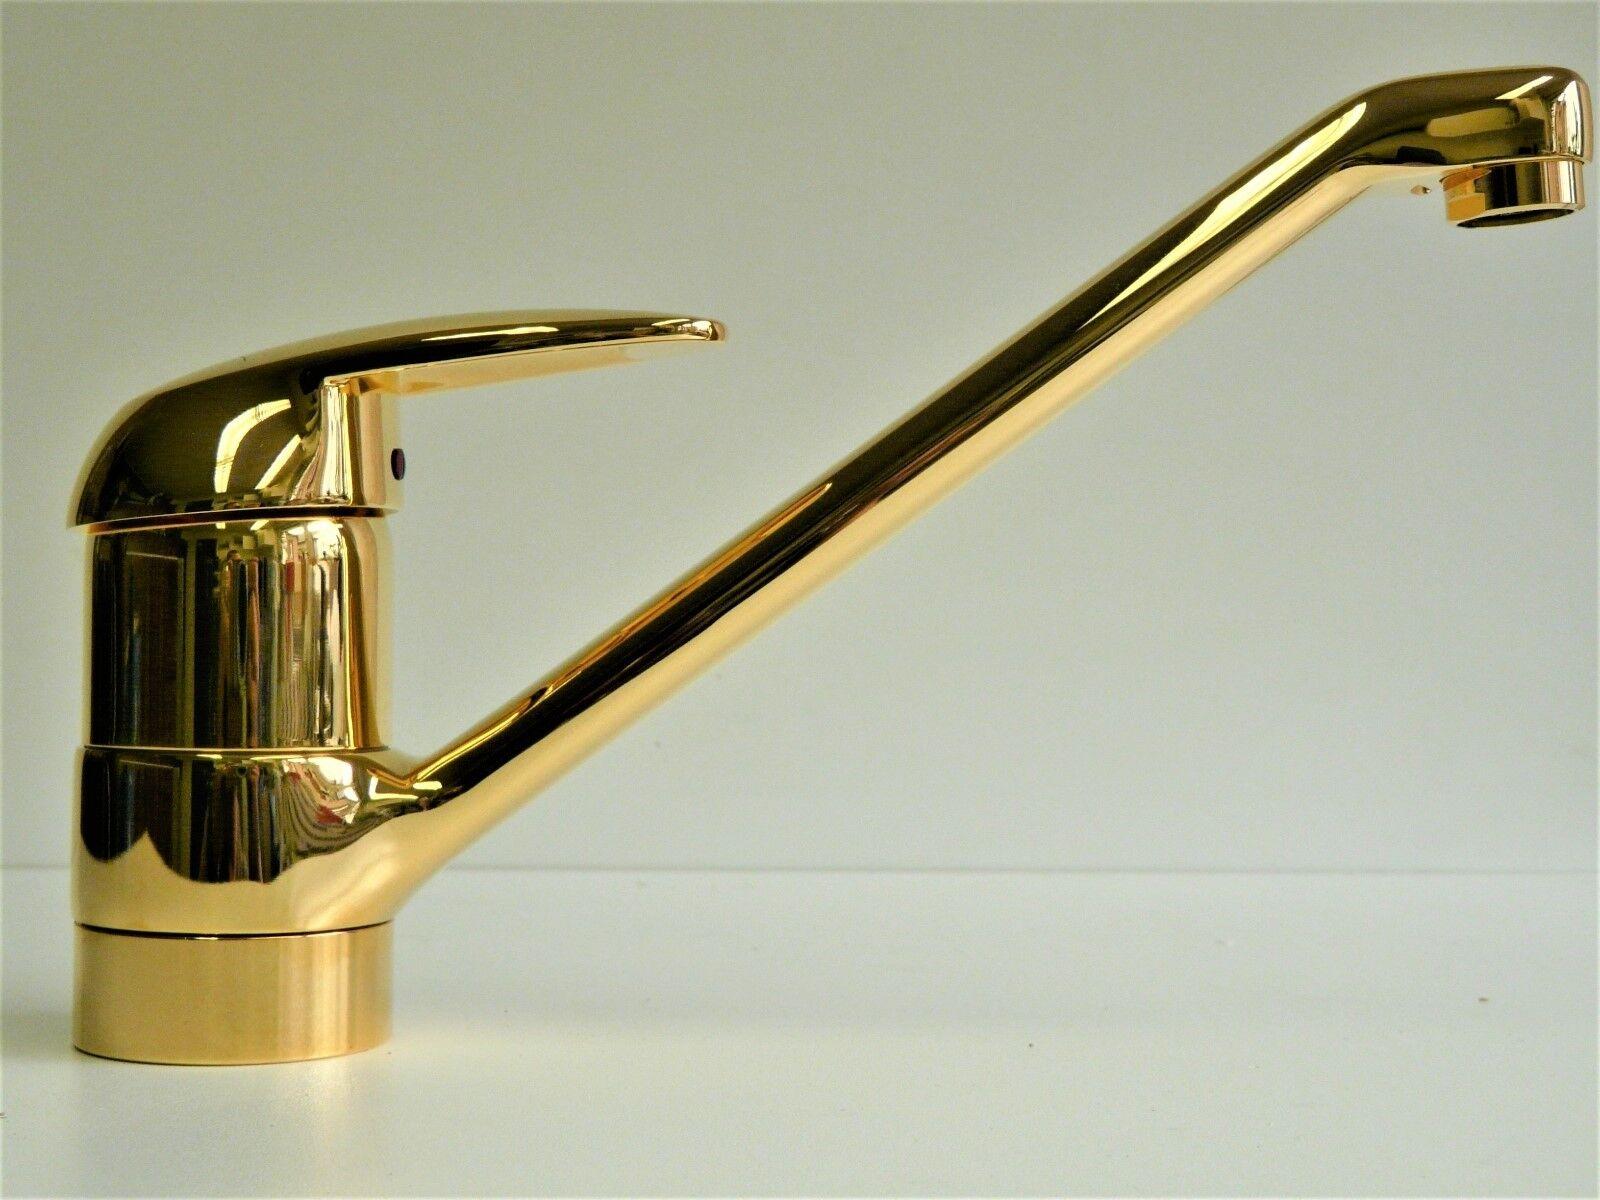 Küchenarmatur Gold (24 Karat), Einhebelmischer, Spültischarmatur, schwenkbar